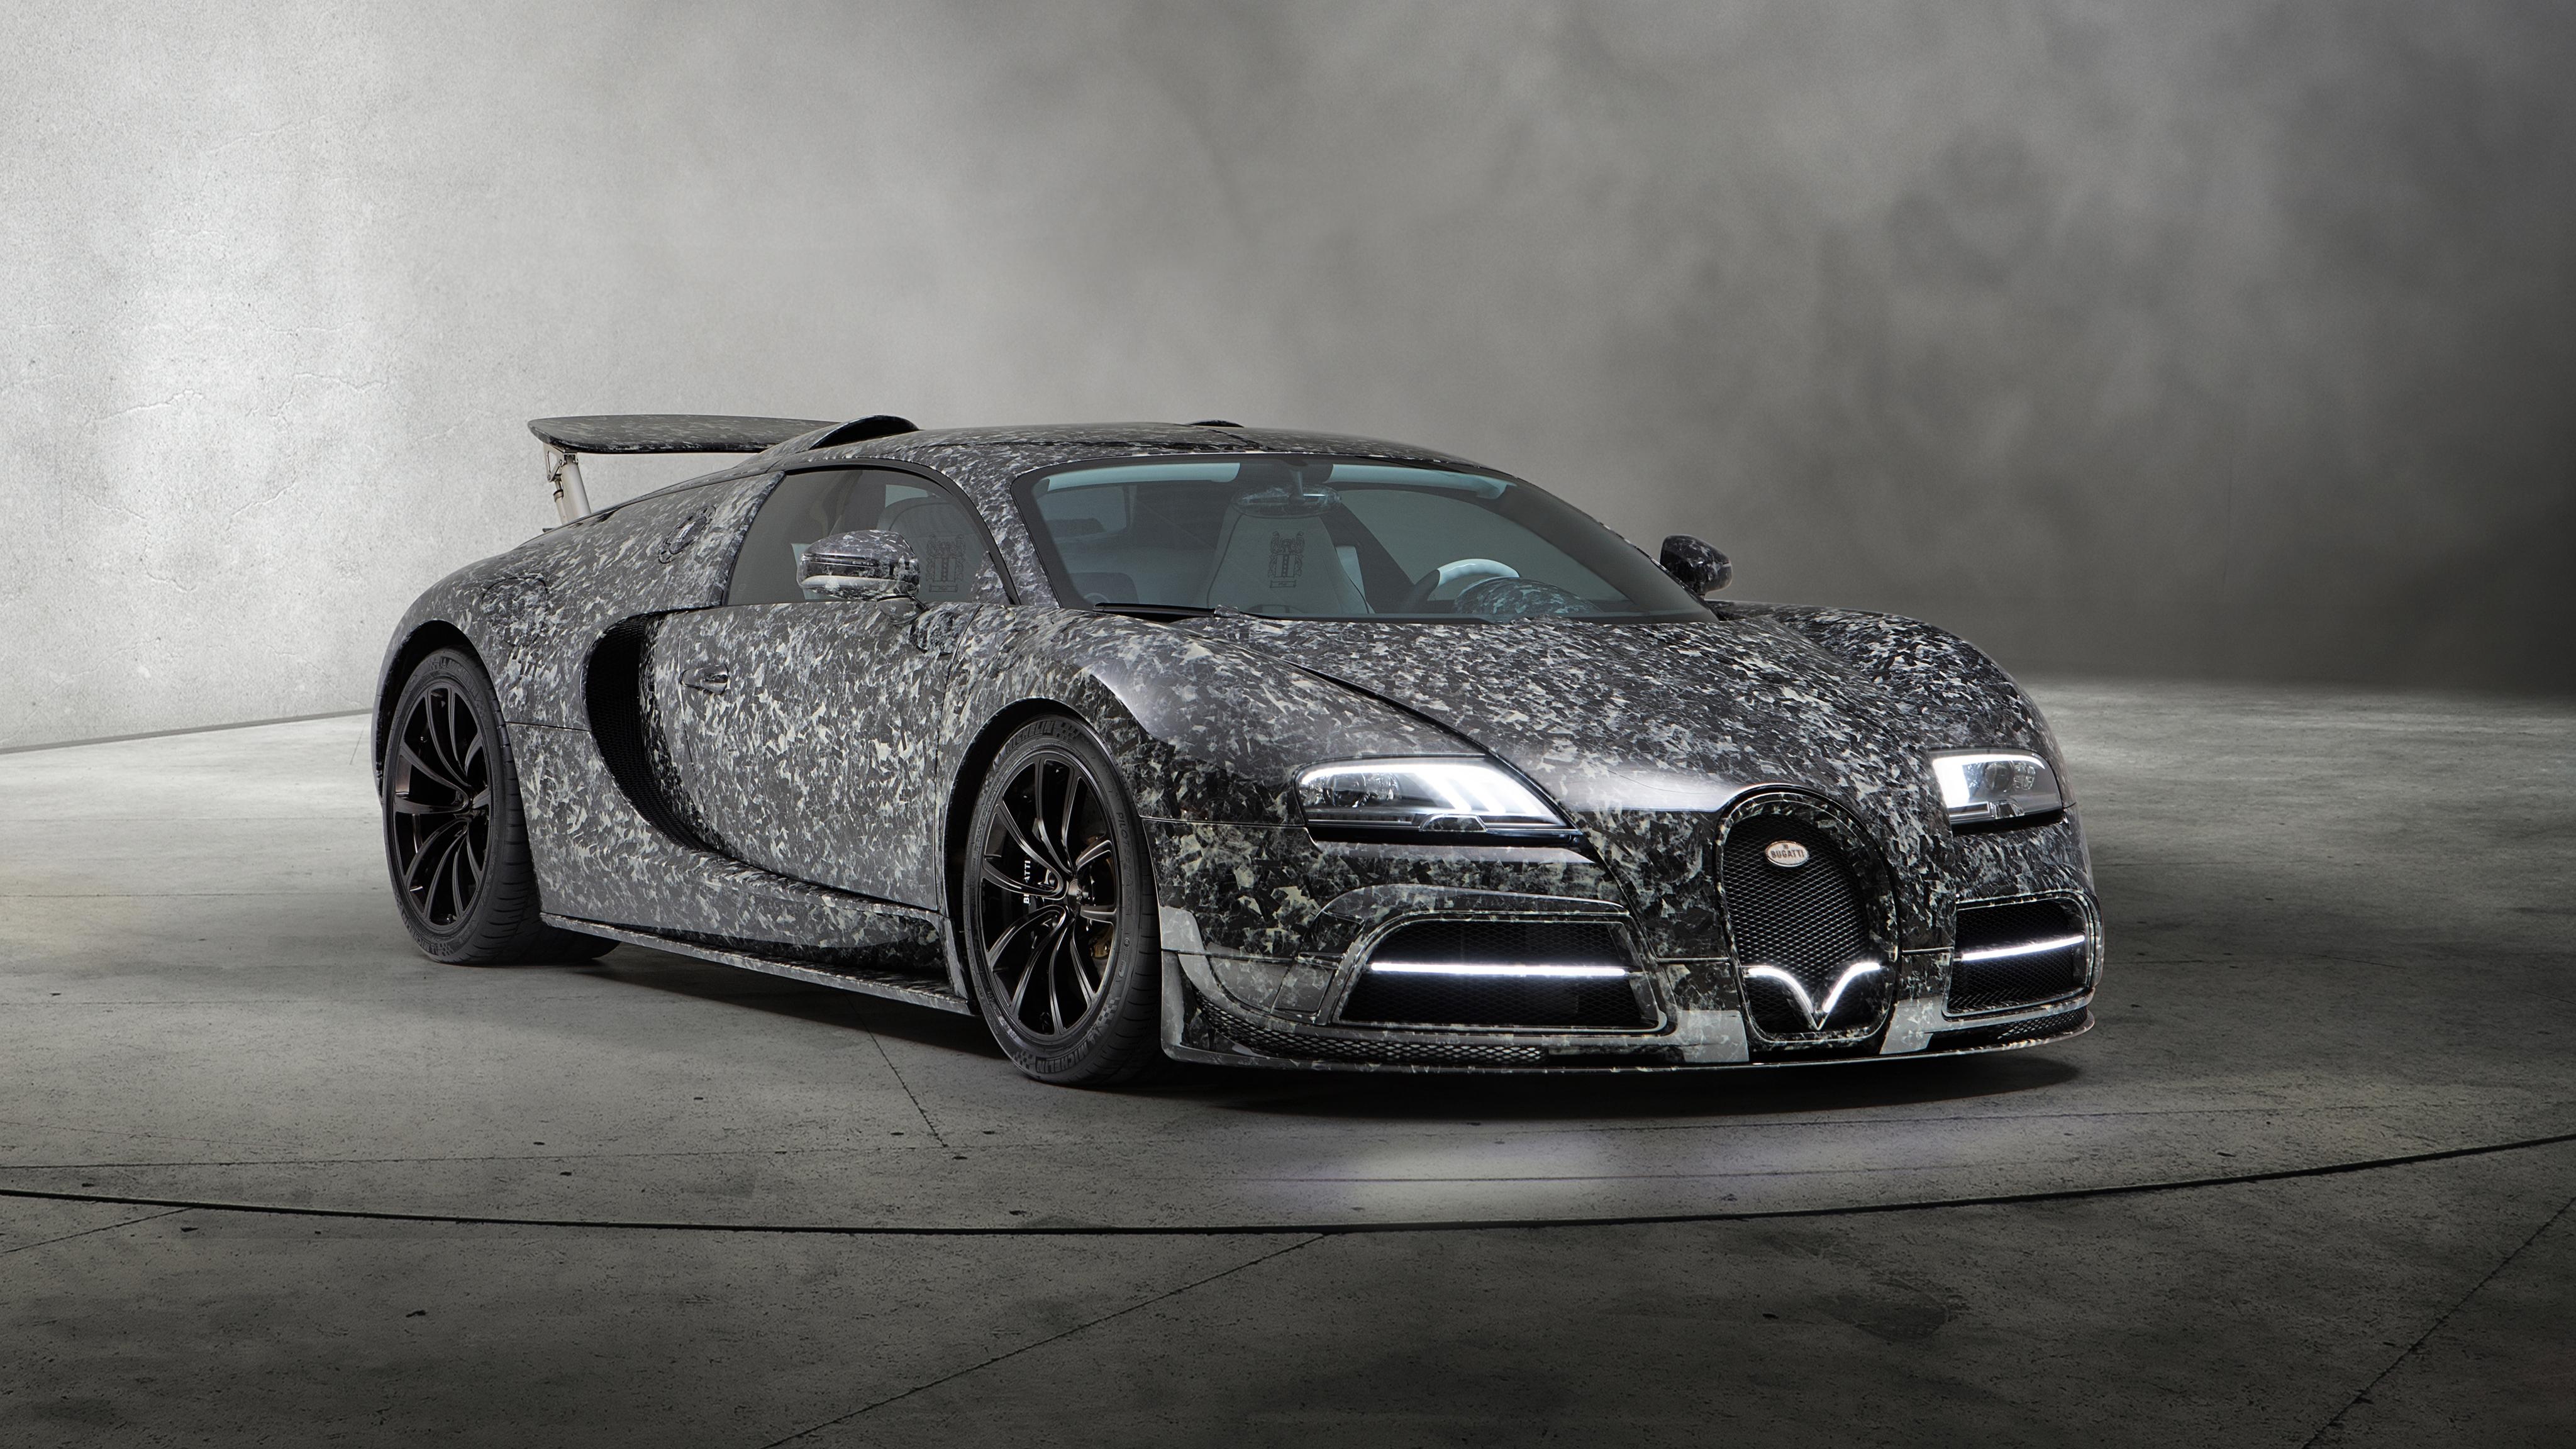 2018 Mansory Bugatti Veyron Vivere Diamond Edition 4k Wallpaper Hd